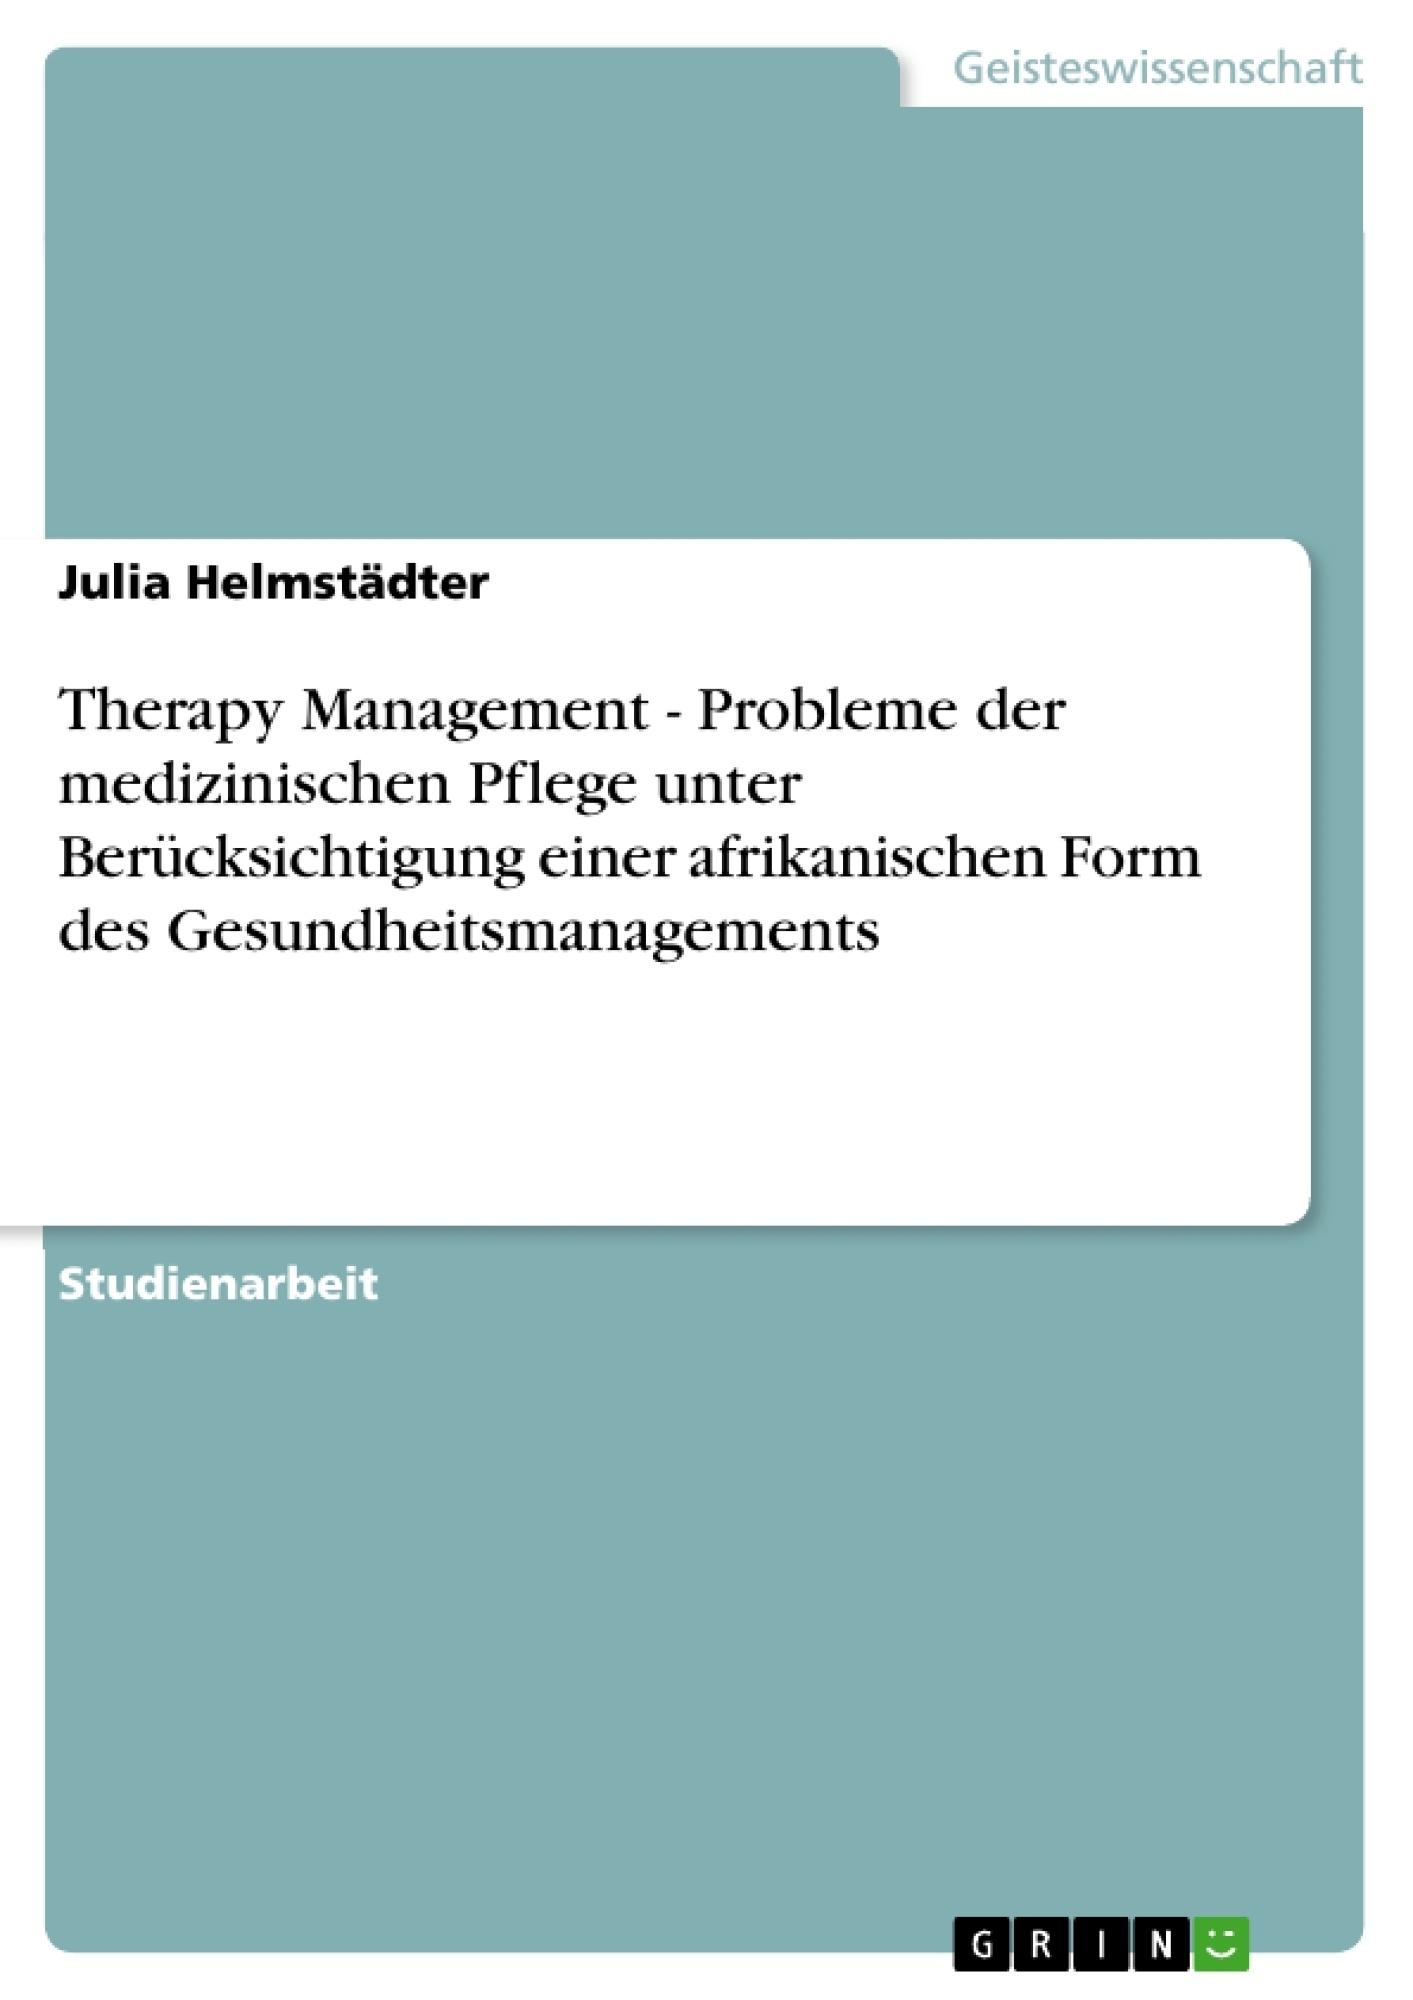 Titel: Therapy Management - Probleme der medizinischen Pflege unter Berücksichtigung einer afrikanischen Form des Gesundheitsmanagements